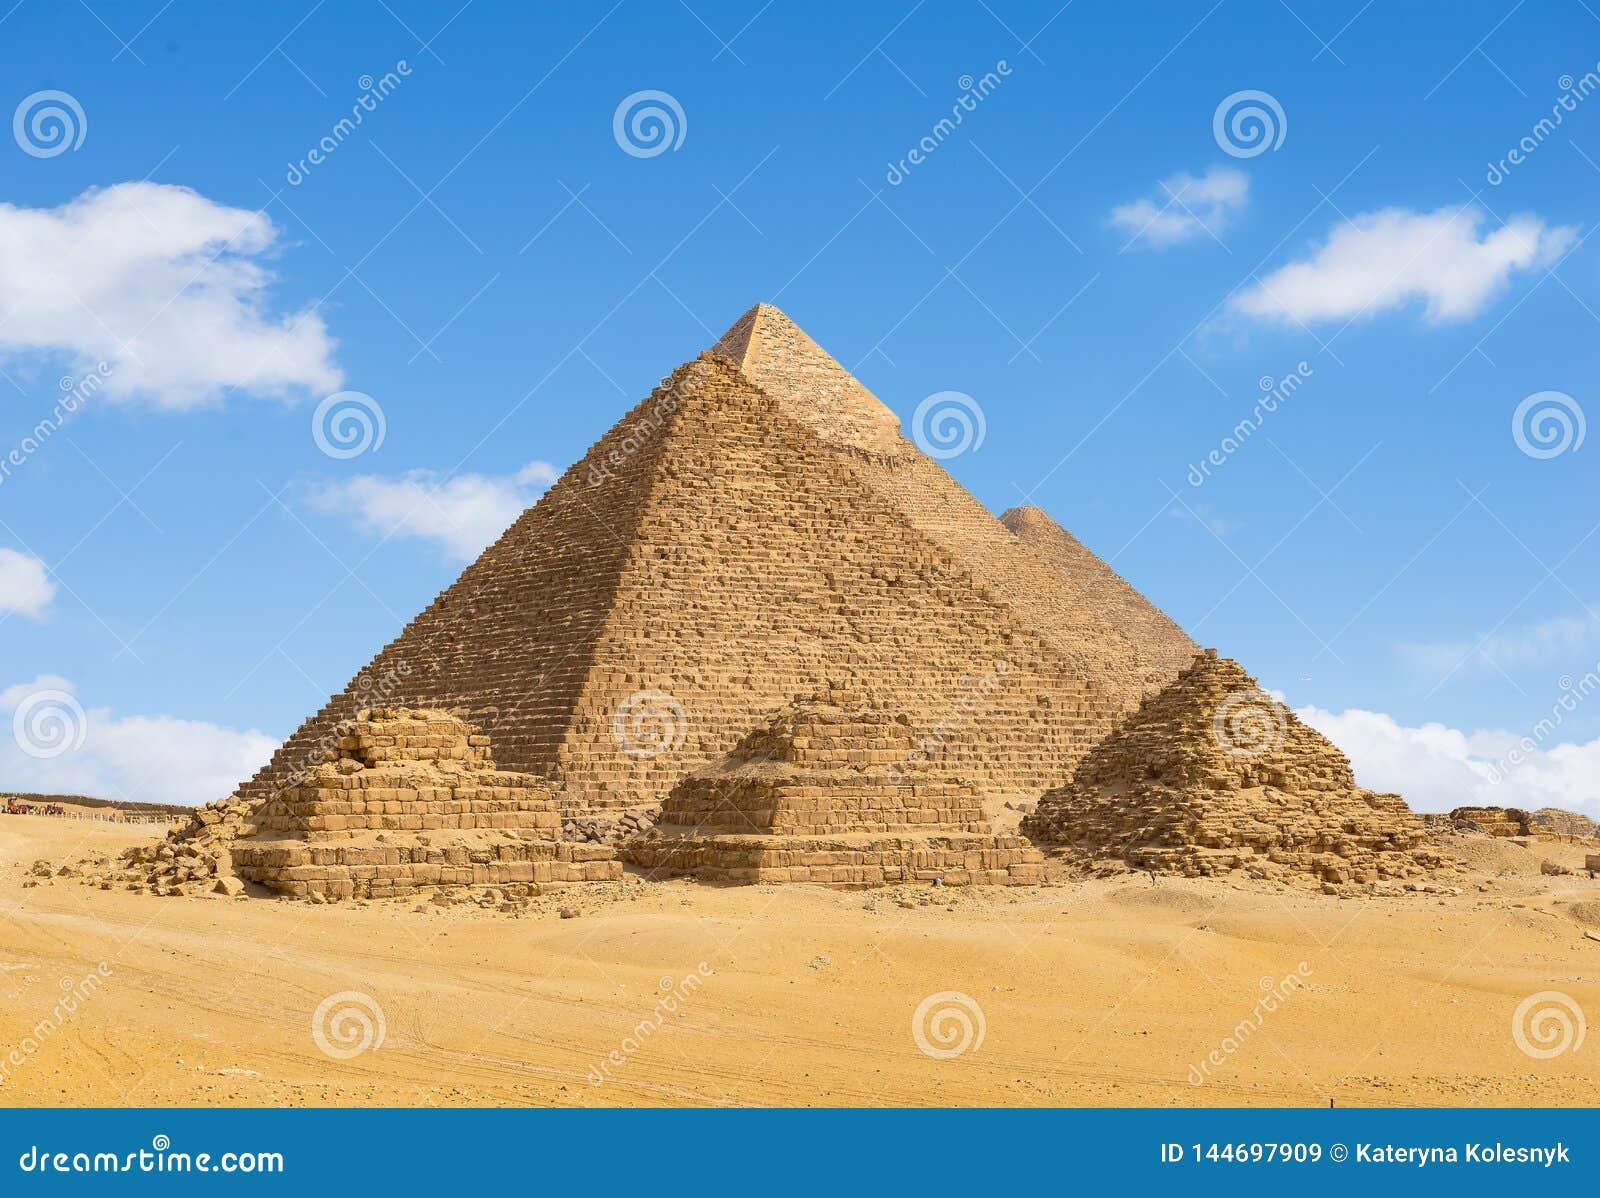 Αιγυπτιακές πυραμίδες σε μια σειρά